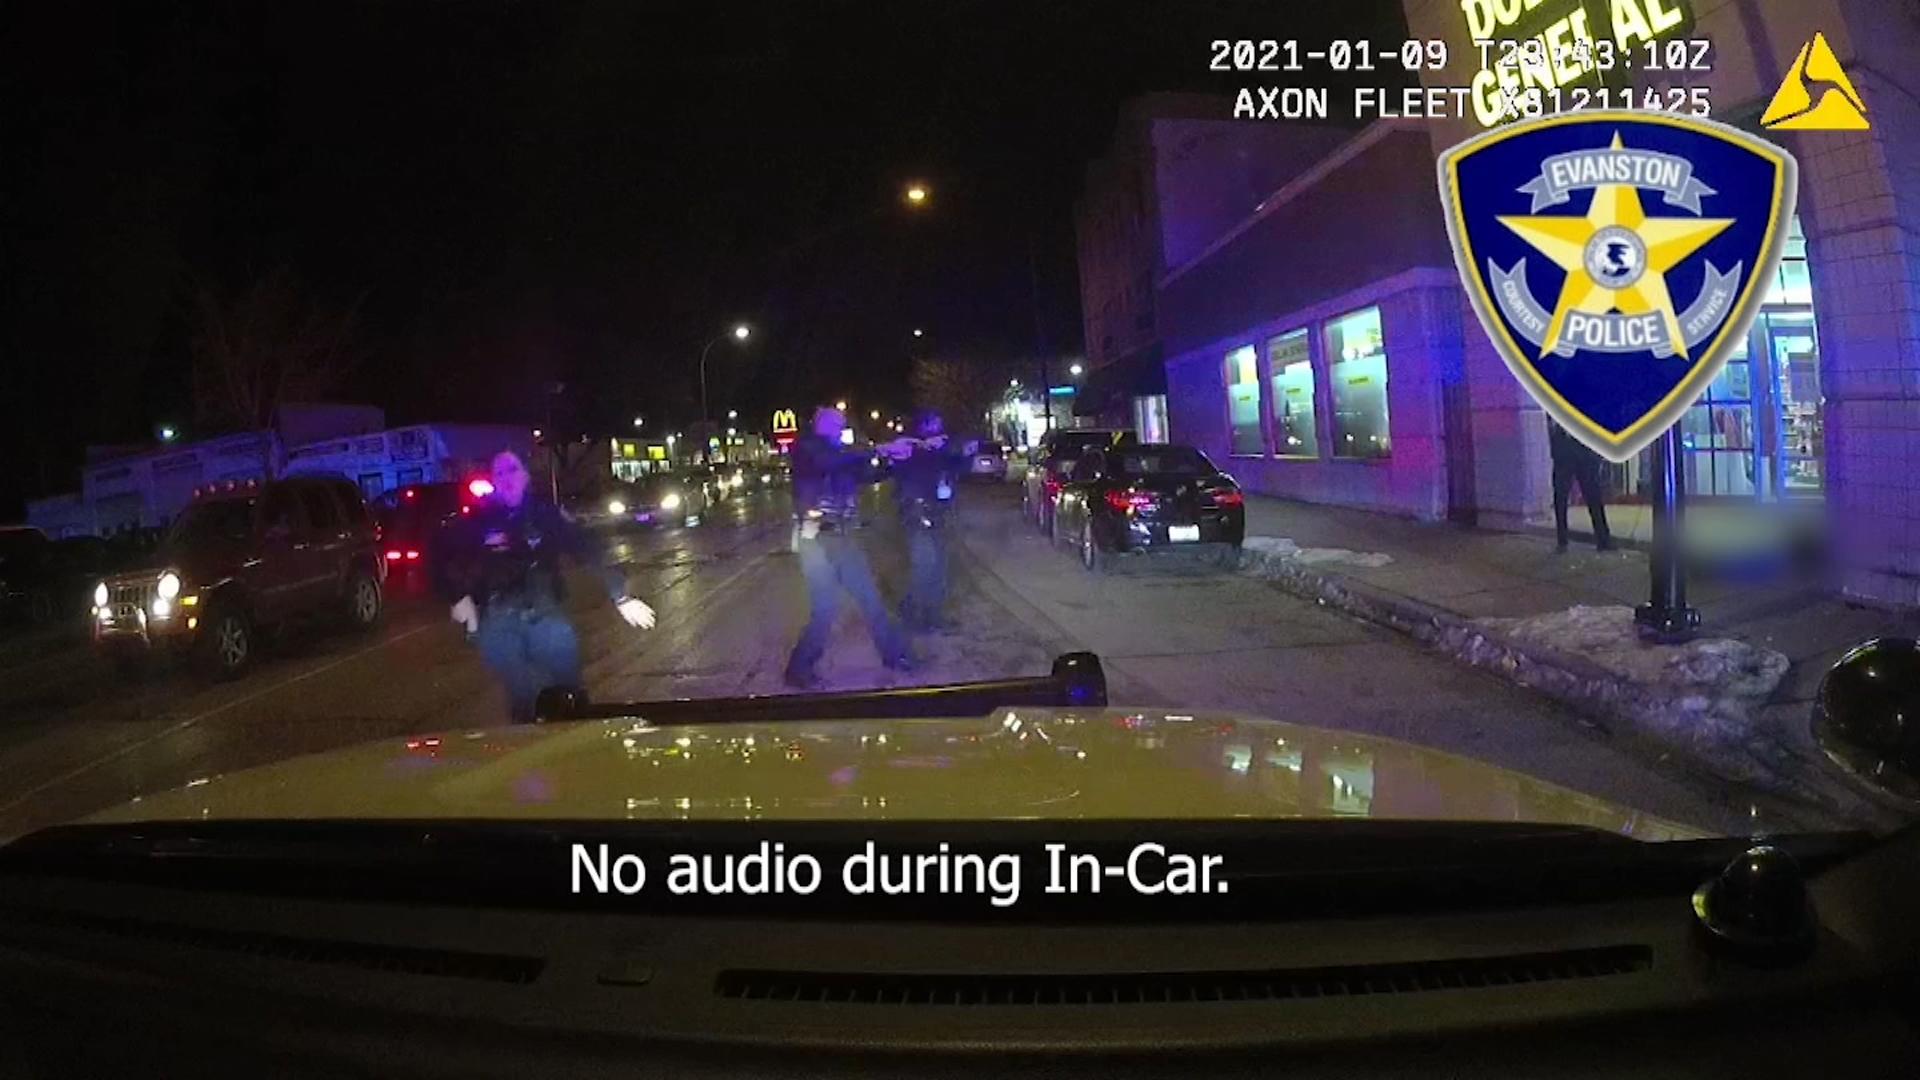 Tech :  Des images montrent la police poursuivant et abattant un suspect dans 4 meurtres à Evanston,  infos , tests